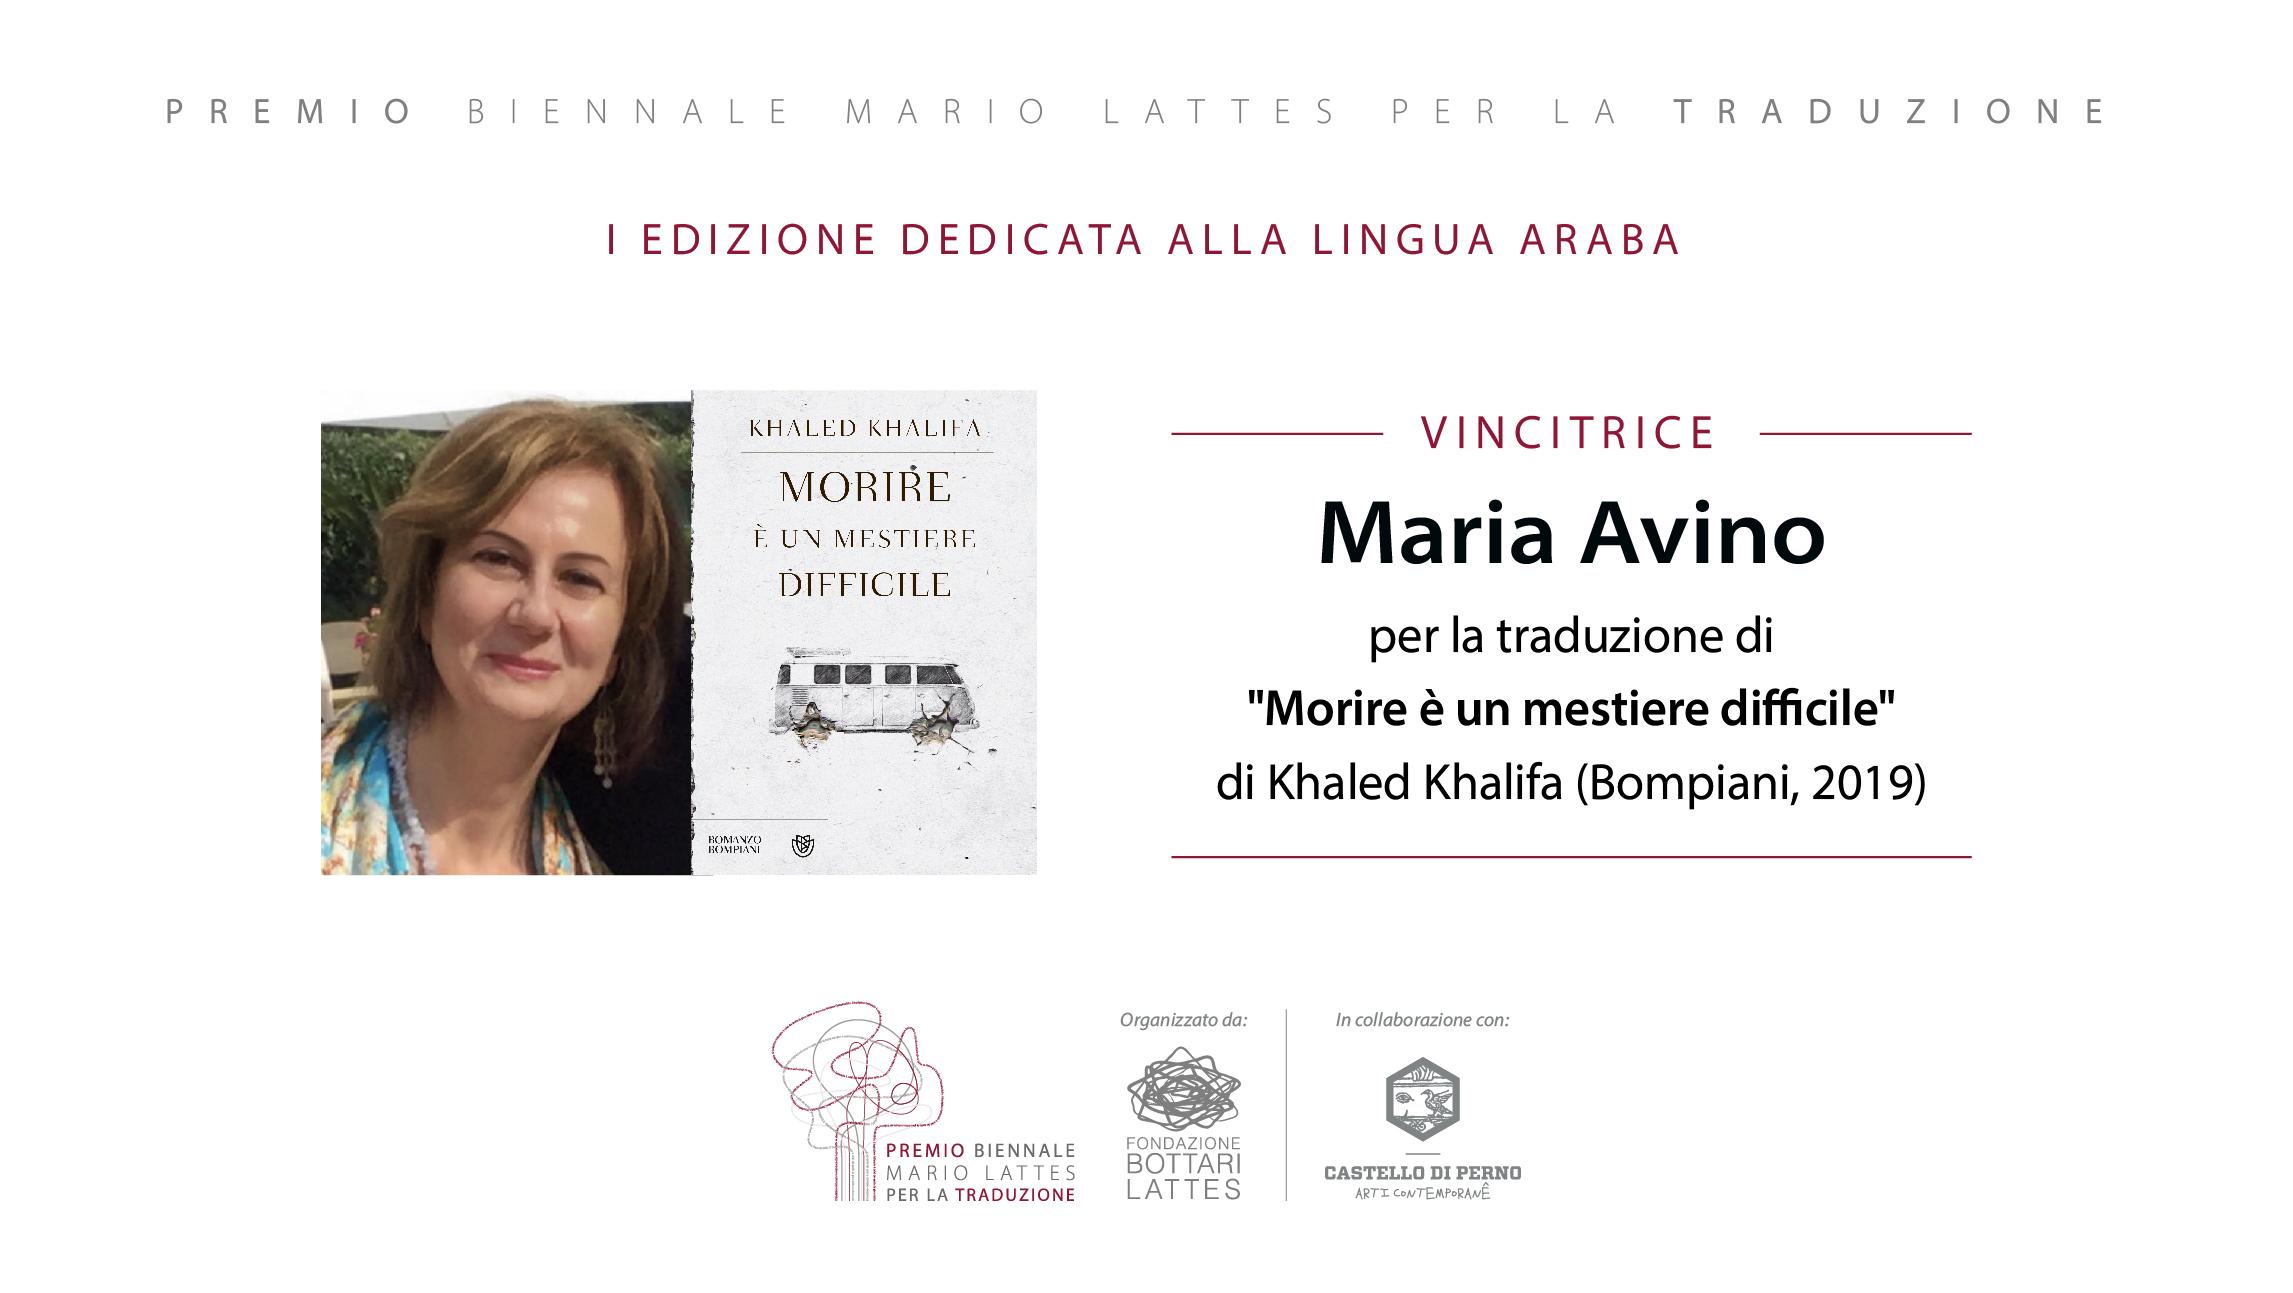 Maria Avino vince Premio biennale Mario Lattes per la Traduzione 2020